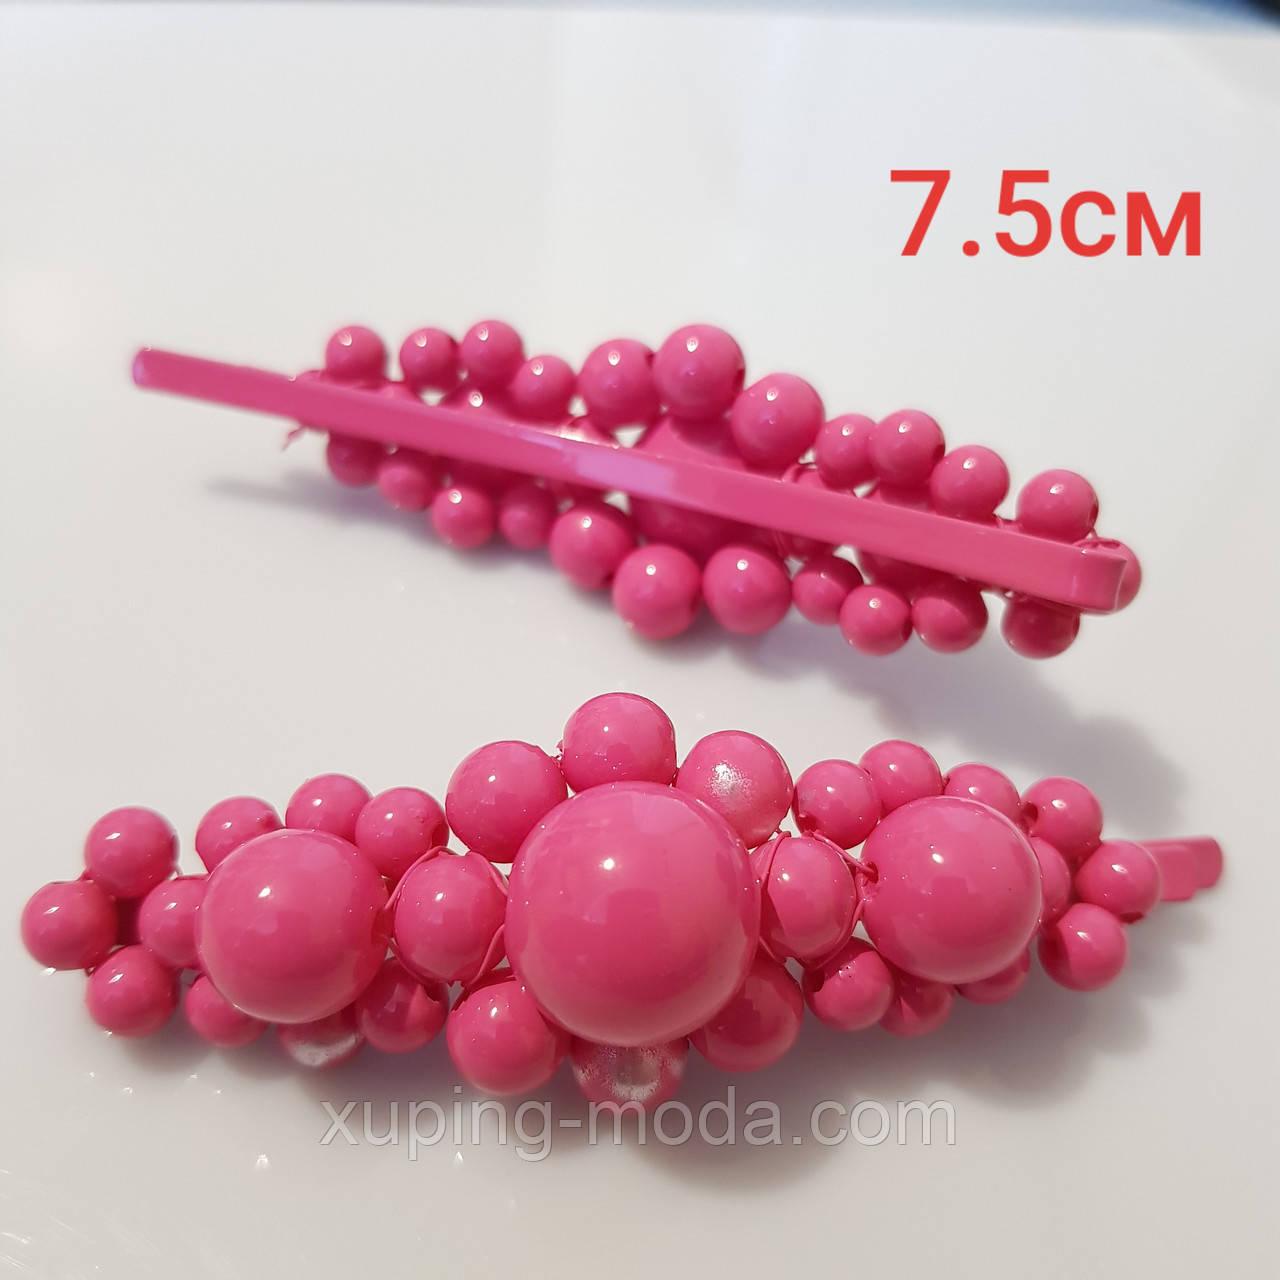 Невидимка, заколка с жемчугом, невидимка для волос розового цвета 12 шт